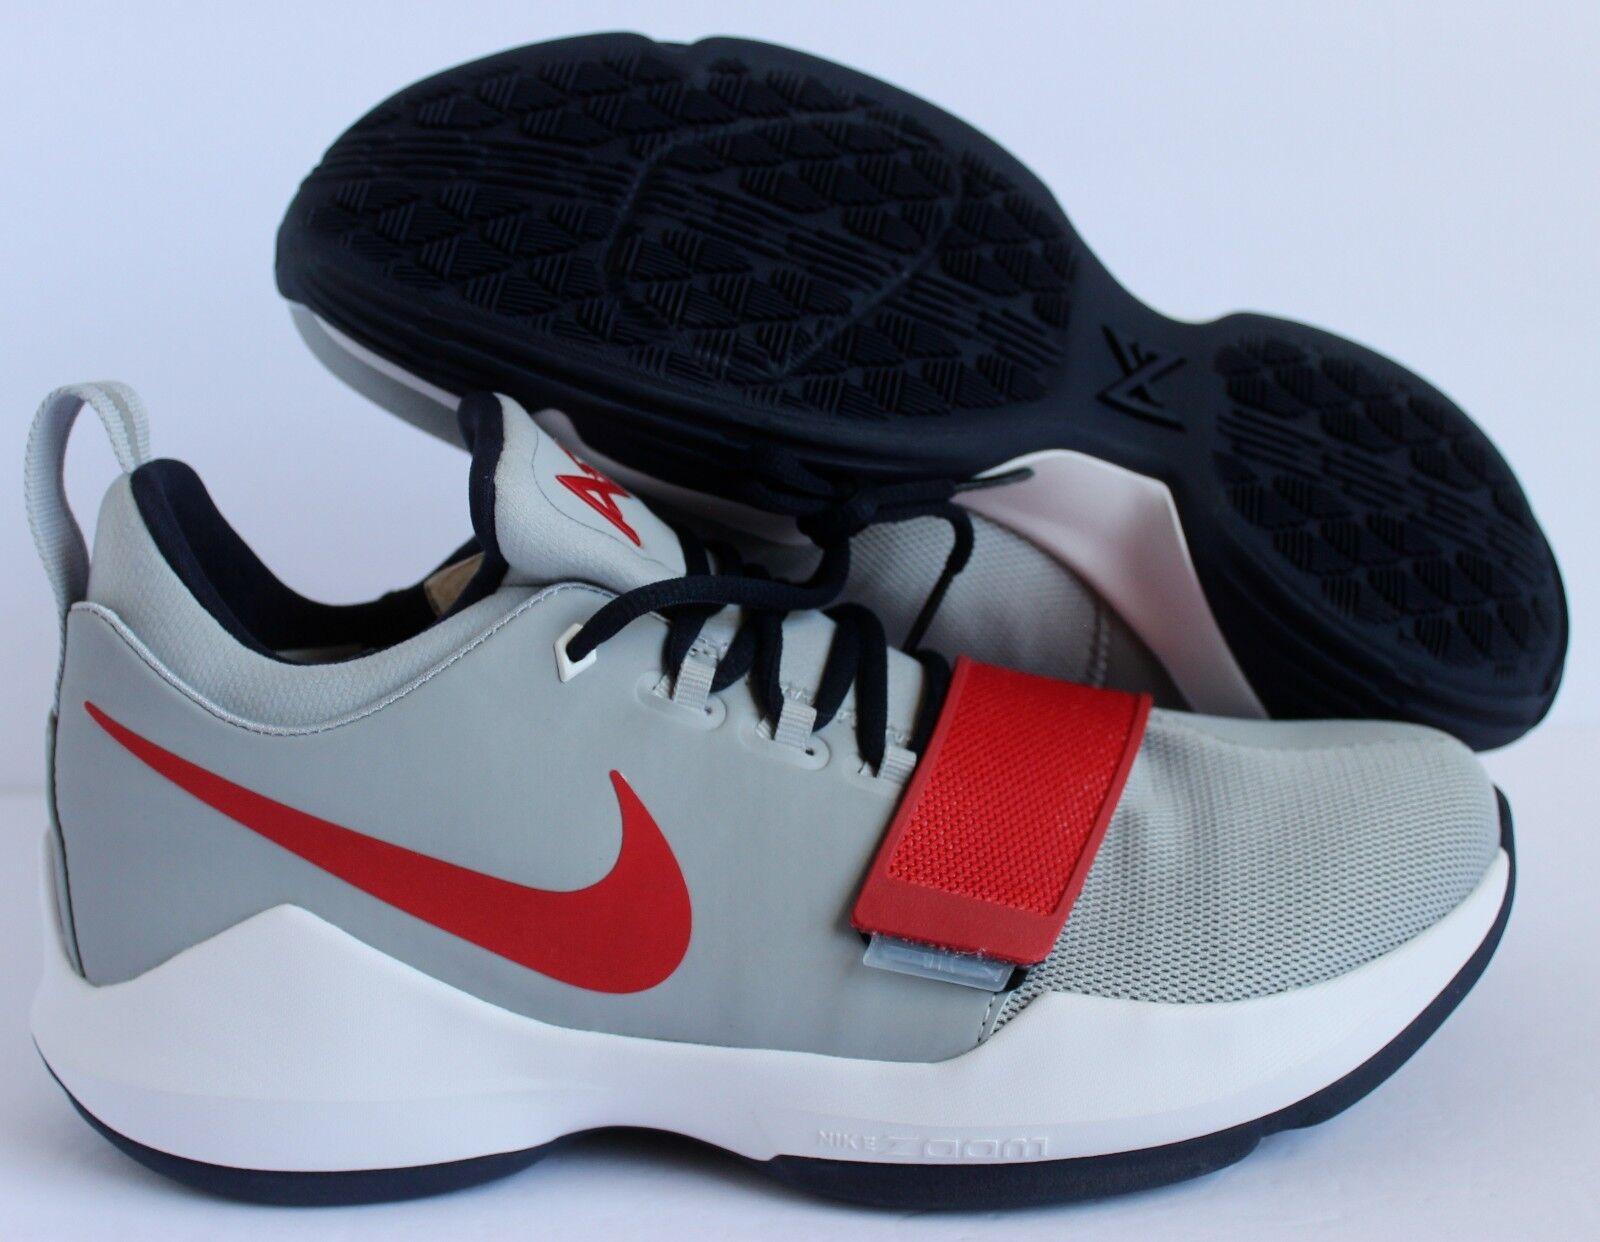 Nike PG 1 Paul George id gris blanco de rojo azul marino reducción de blanco precio 8320da